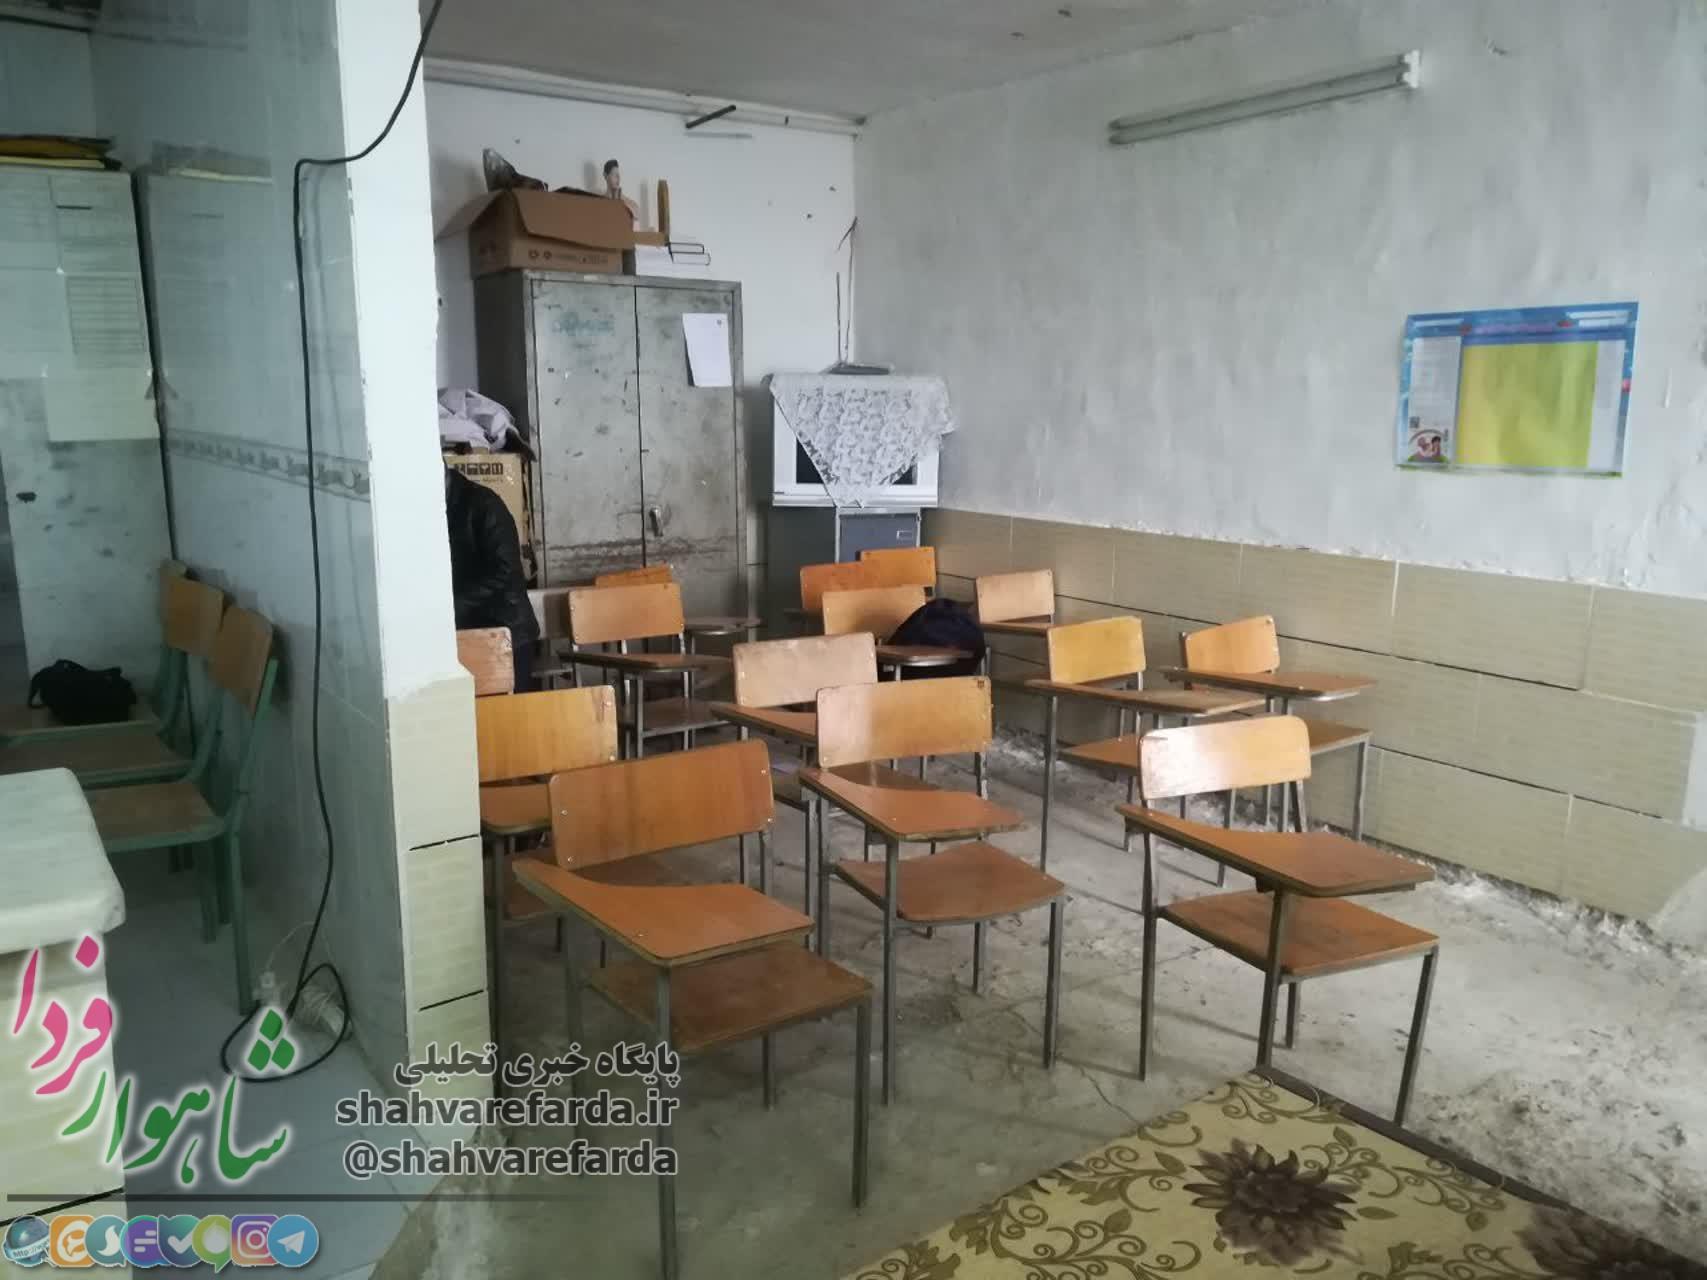 Photo of مسئولان مرکز نشین در اتاق های گرم / دانش آموزان ابری با پتو هم می لرزند